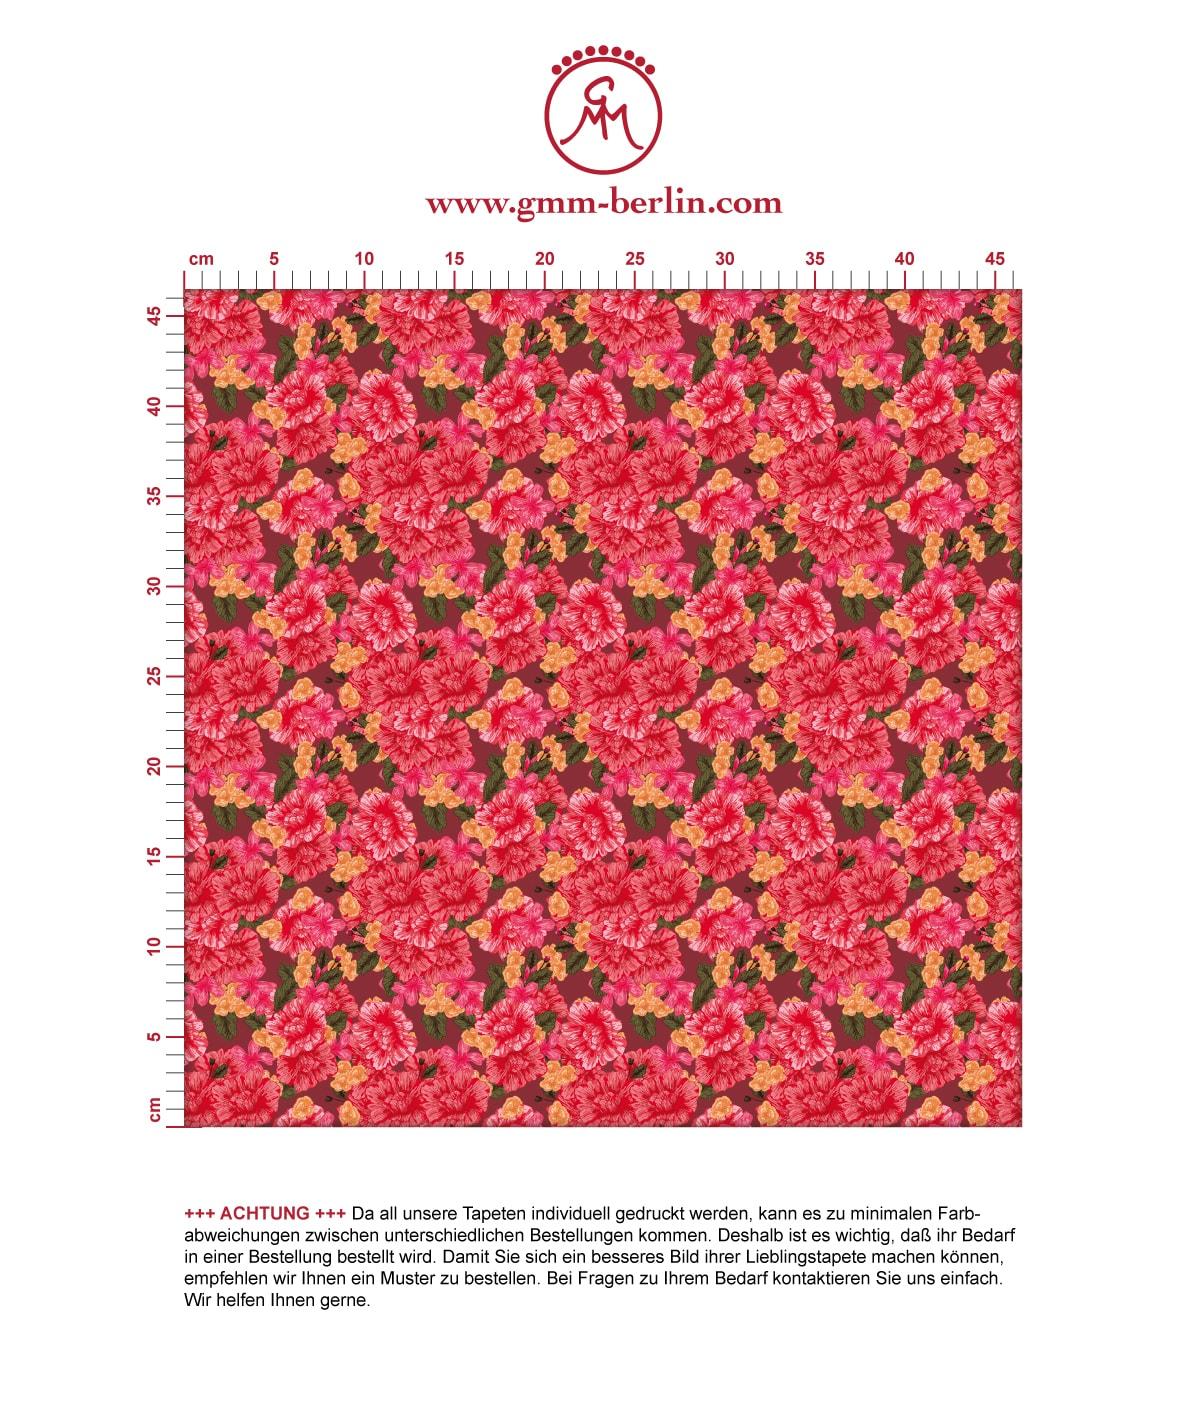 Blumentapete Shabby Flowers Landhaus shabby chic in rot - Vliestapete für Schlafzimmer. Aus dem GMM-BERLIN.com Sortiment: Schöne Tapeten in der Farbe: rot